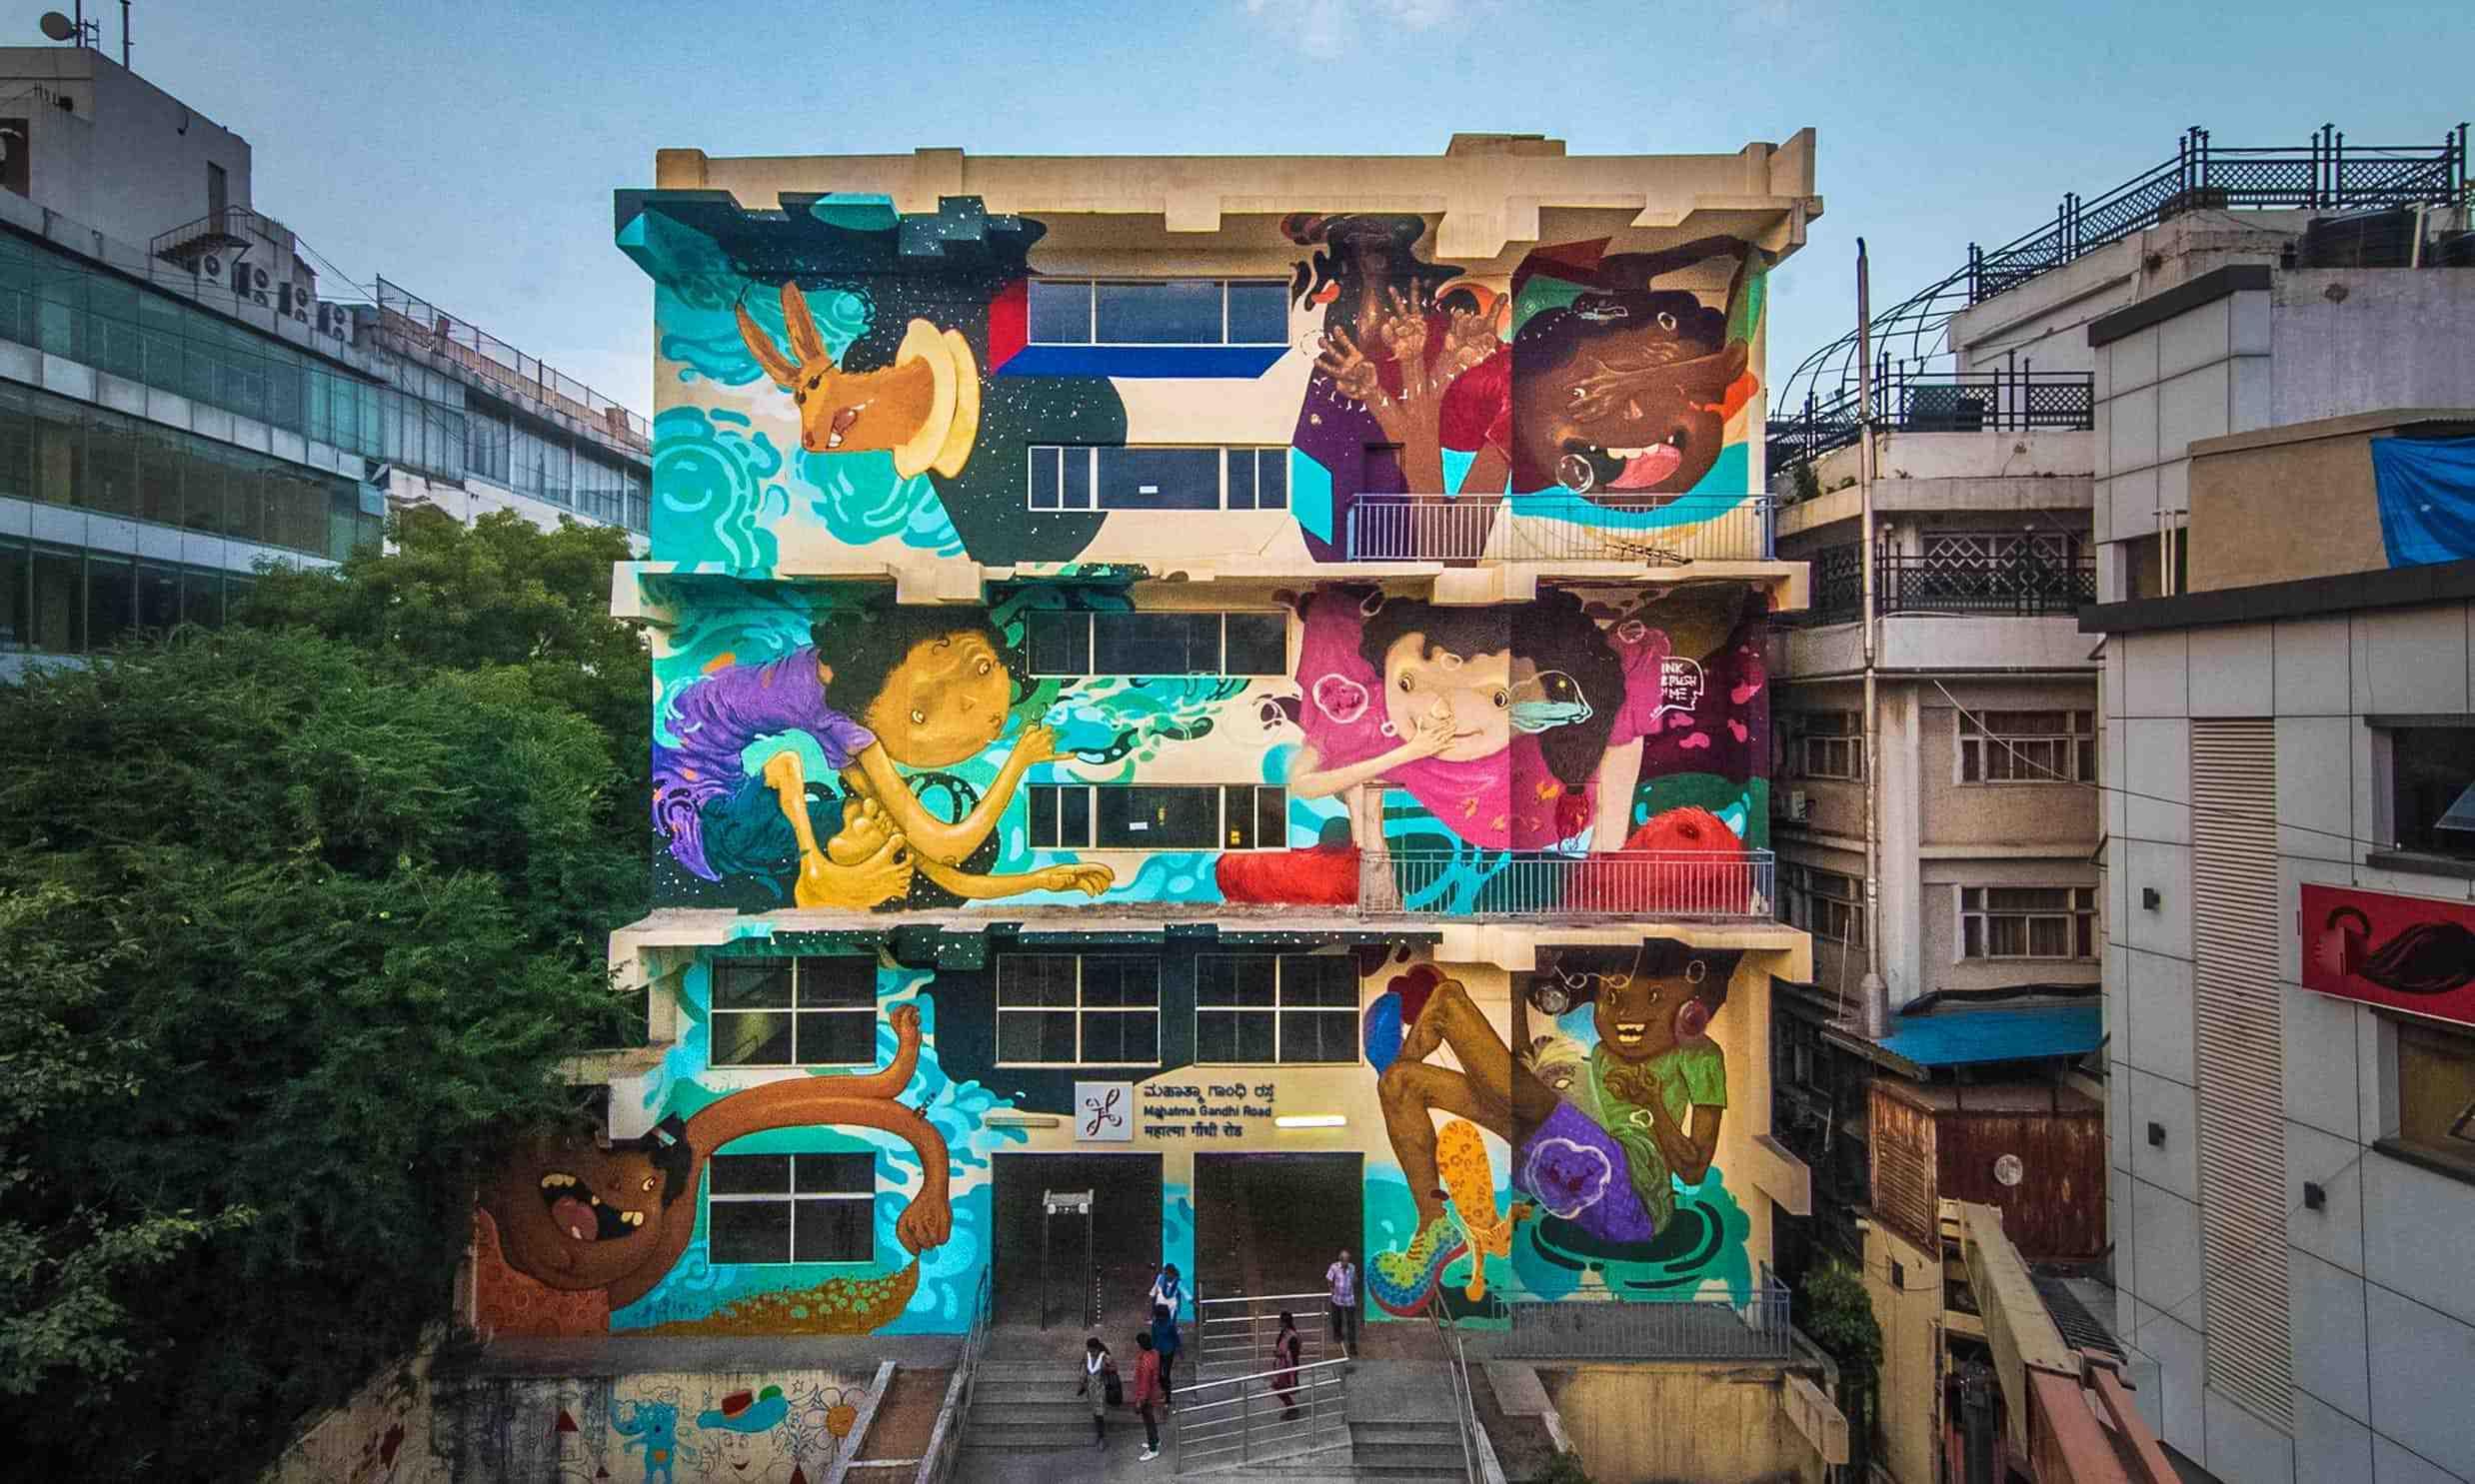 大壁画运动:印度的火车站正在发生天翻地覆的变化